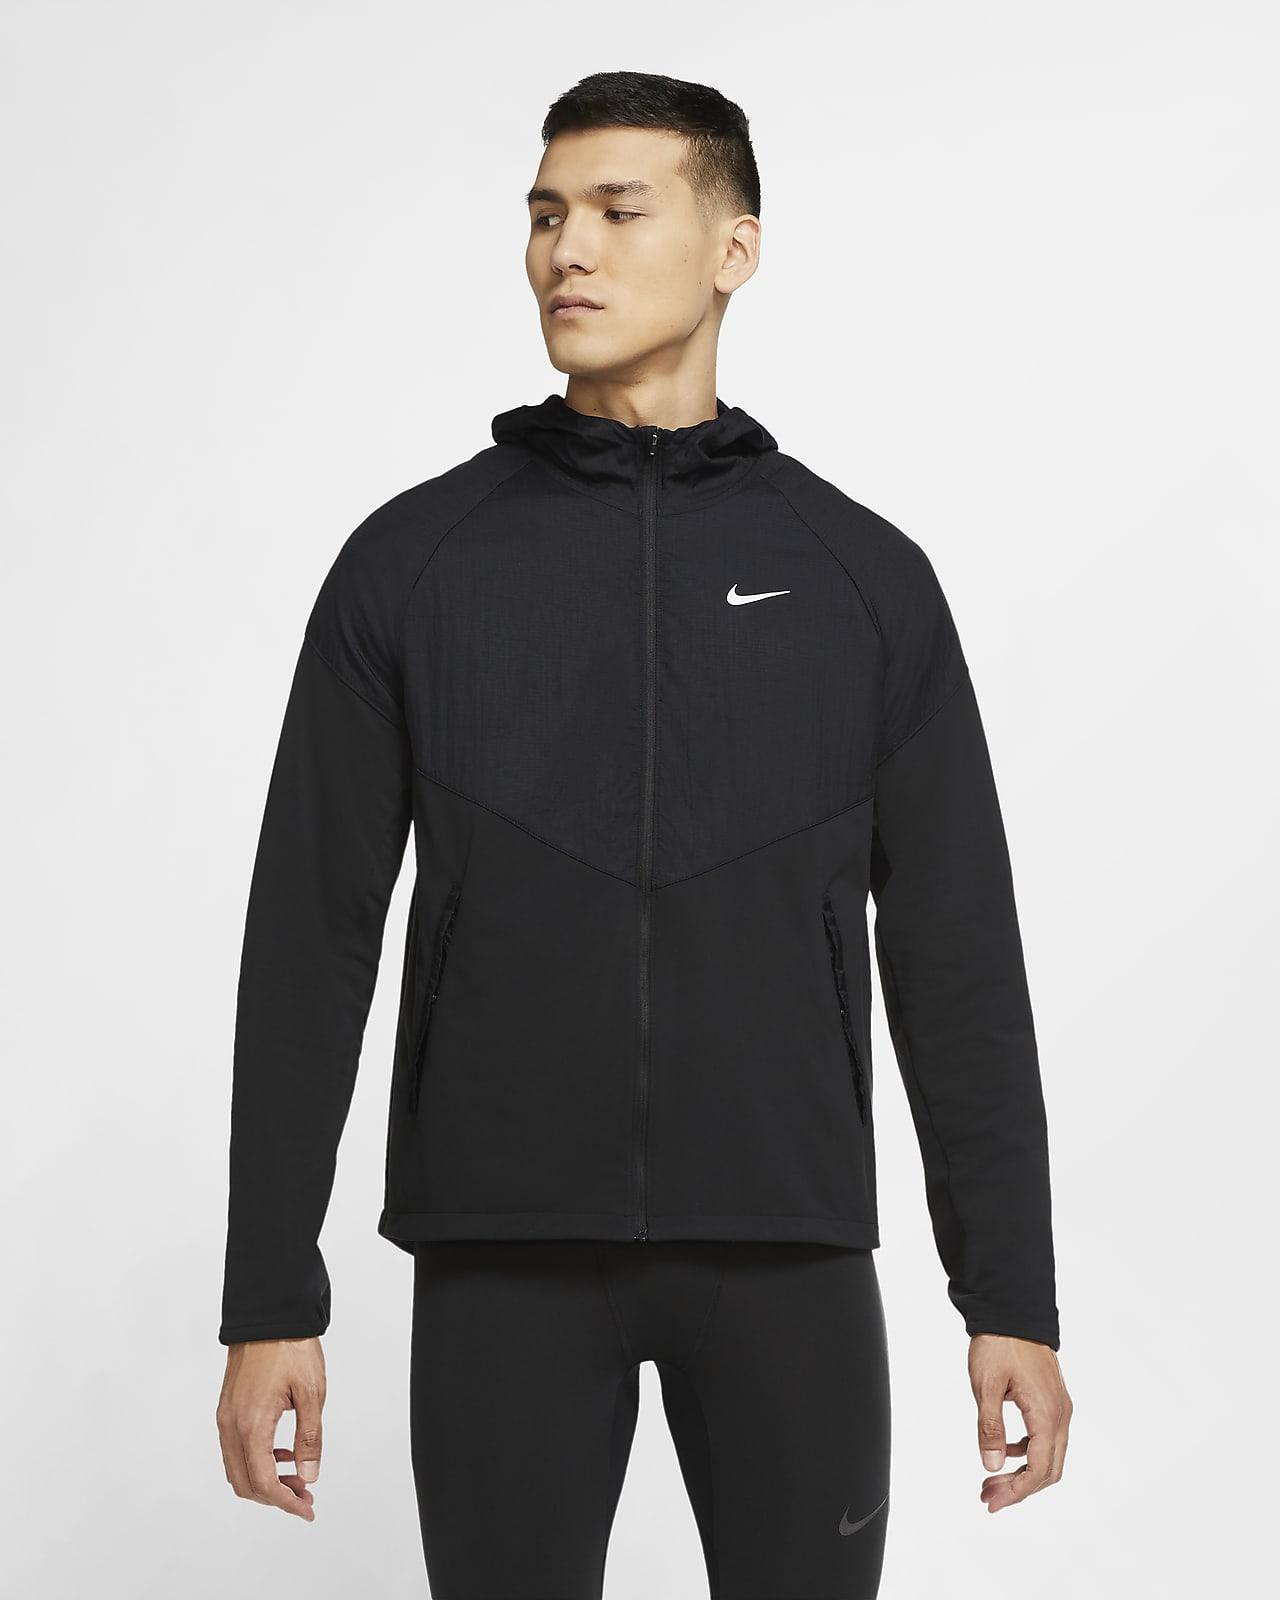 Pánská běžecká bunda Nike Therma Essential